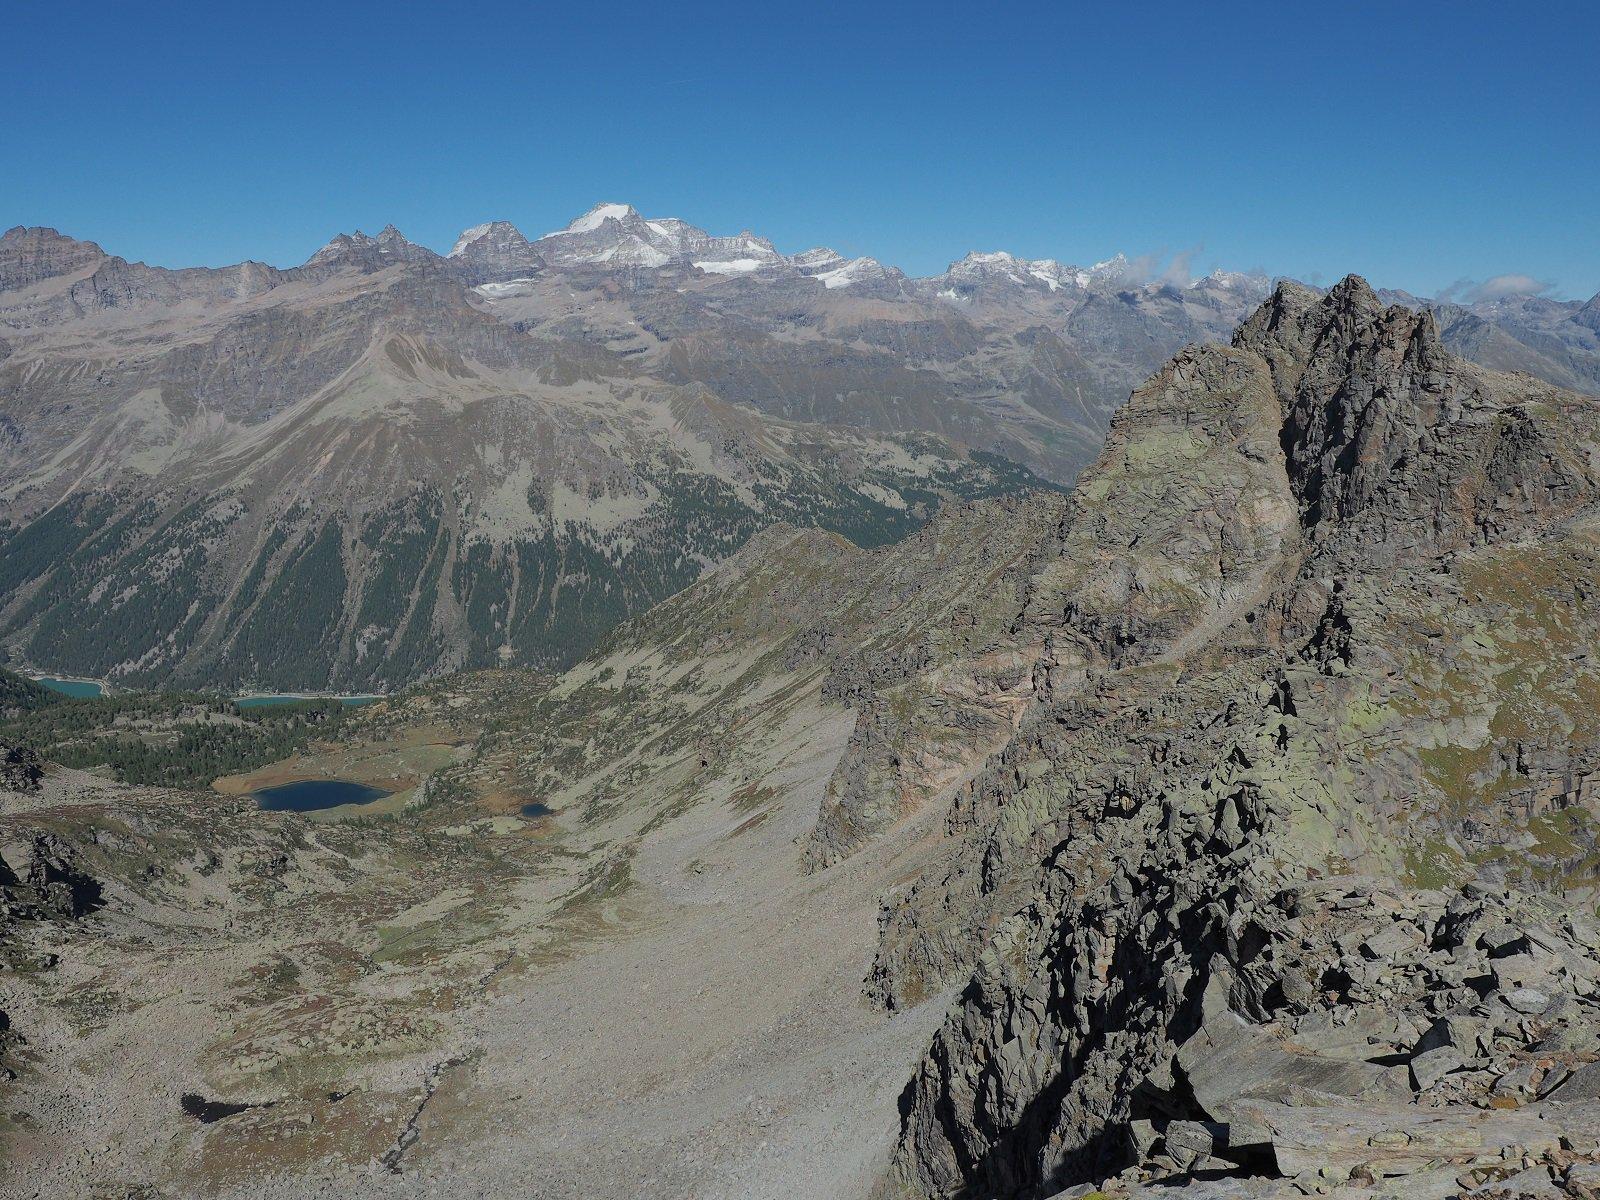 Sguardo verso nord dalla vetta: Lago di Ceresole e di Dres in basso, Gran Paradiso davanti a me!